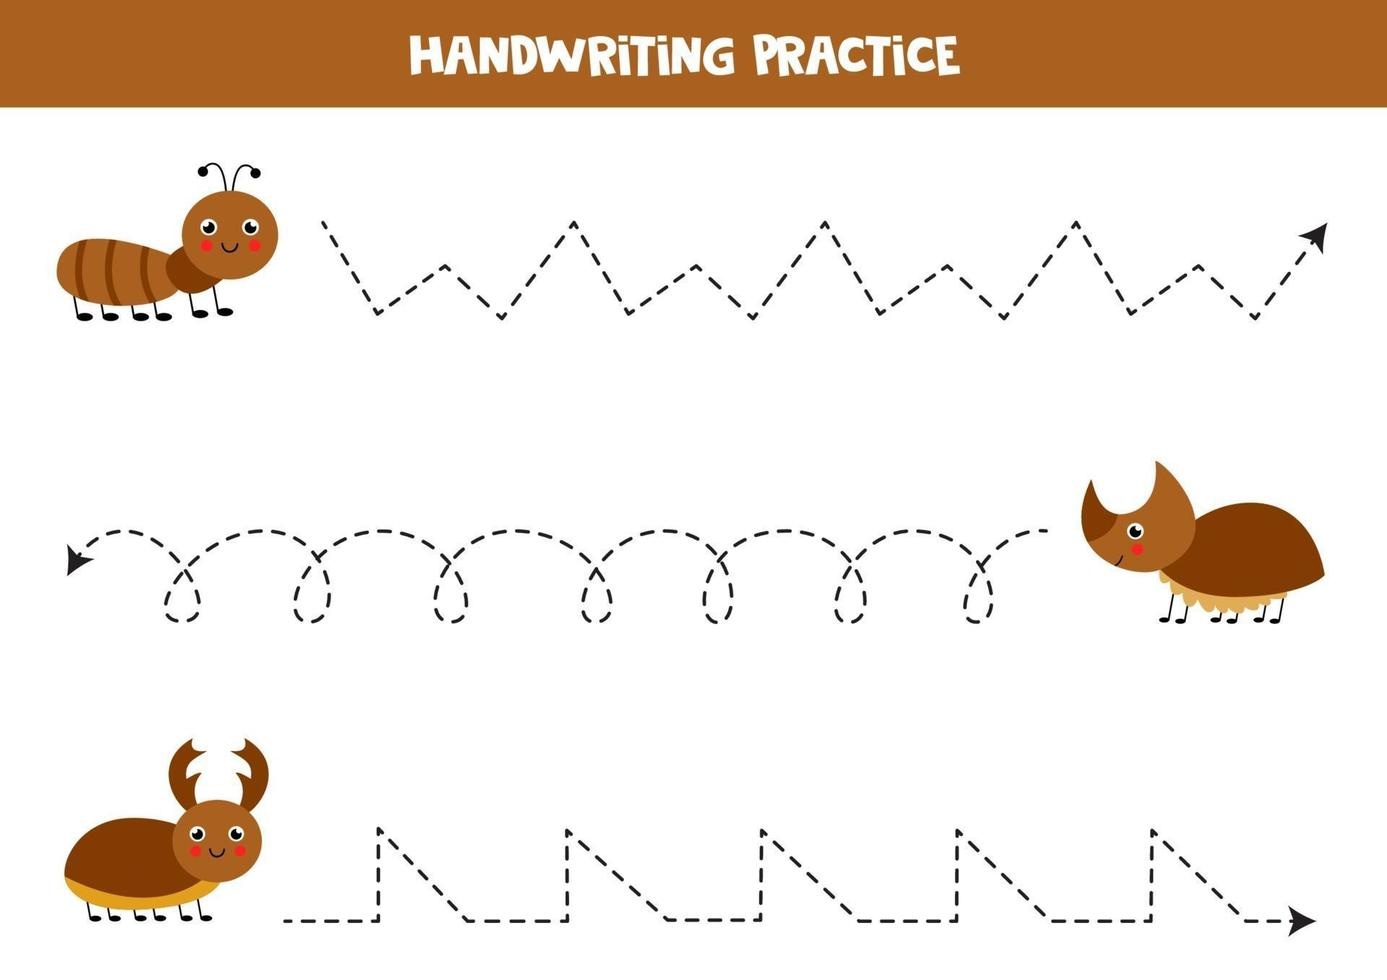 traceer de lijnen met schattige insecten. Schrijf oefening. vector